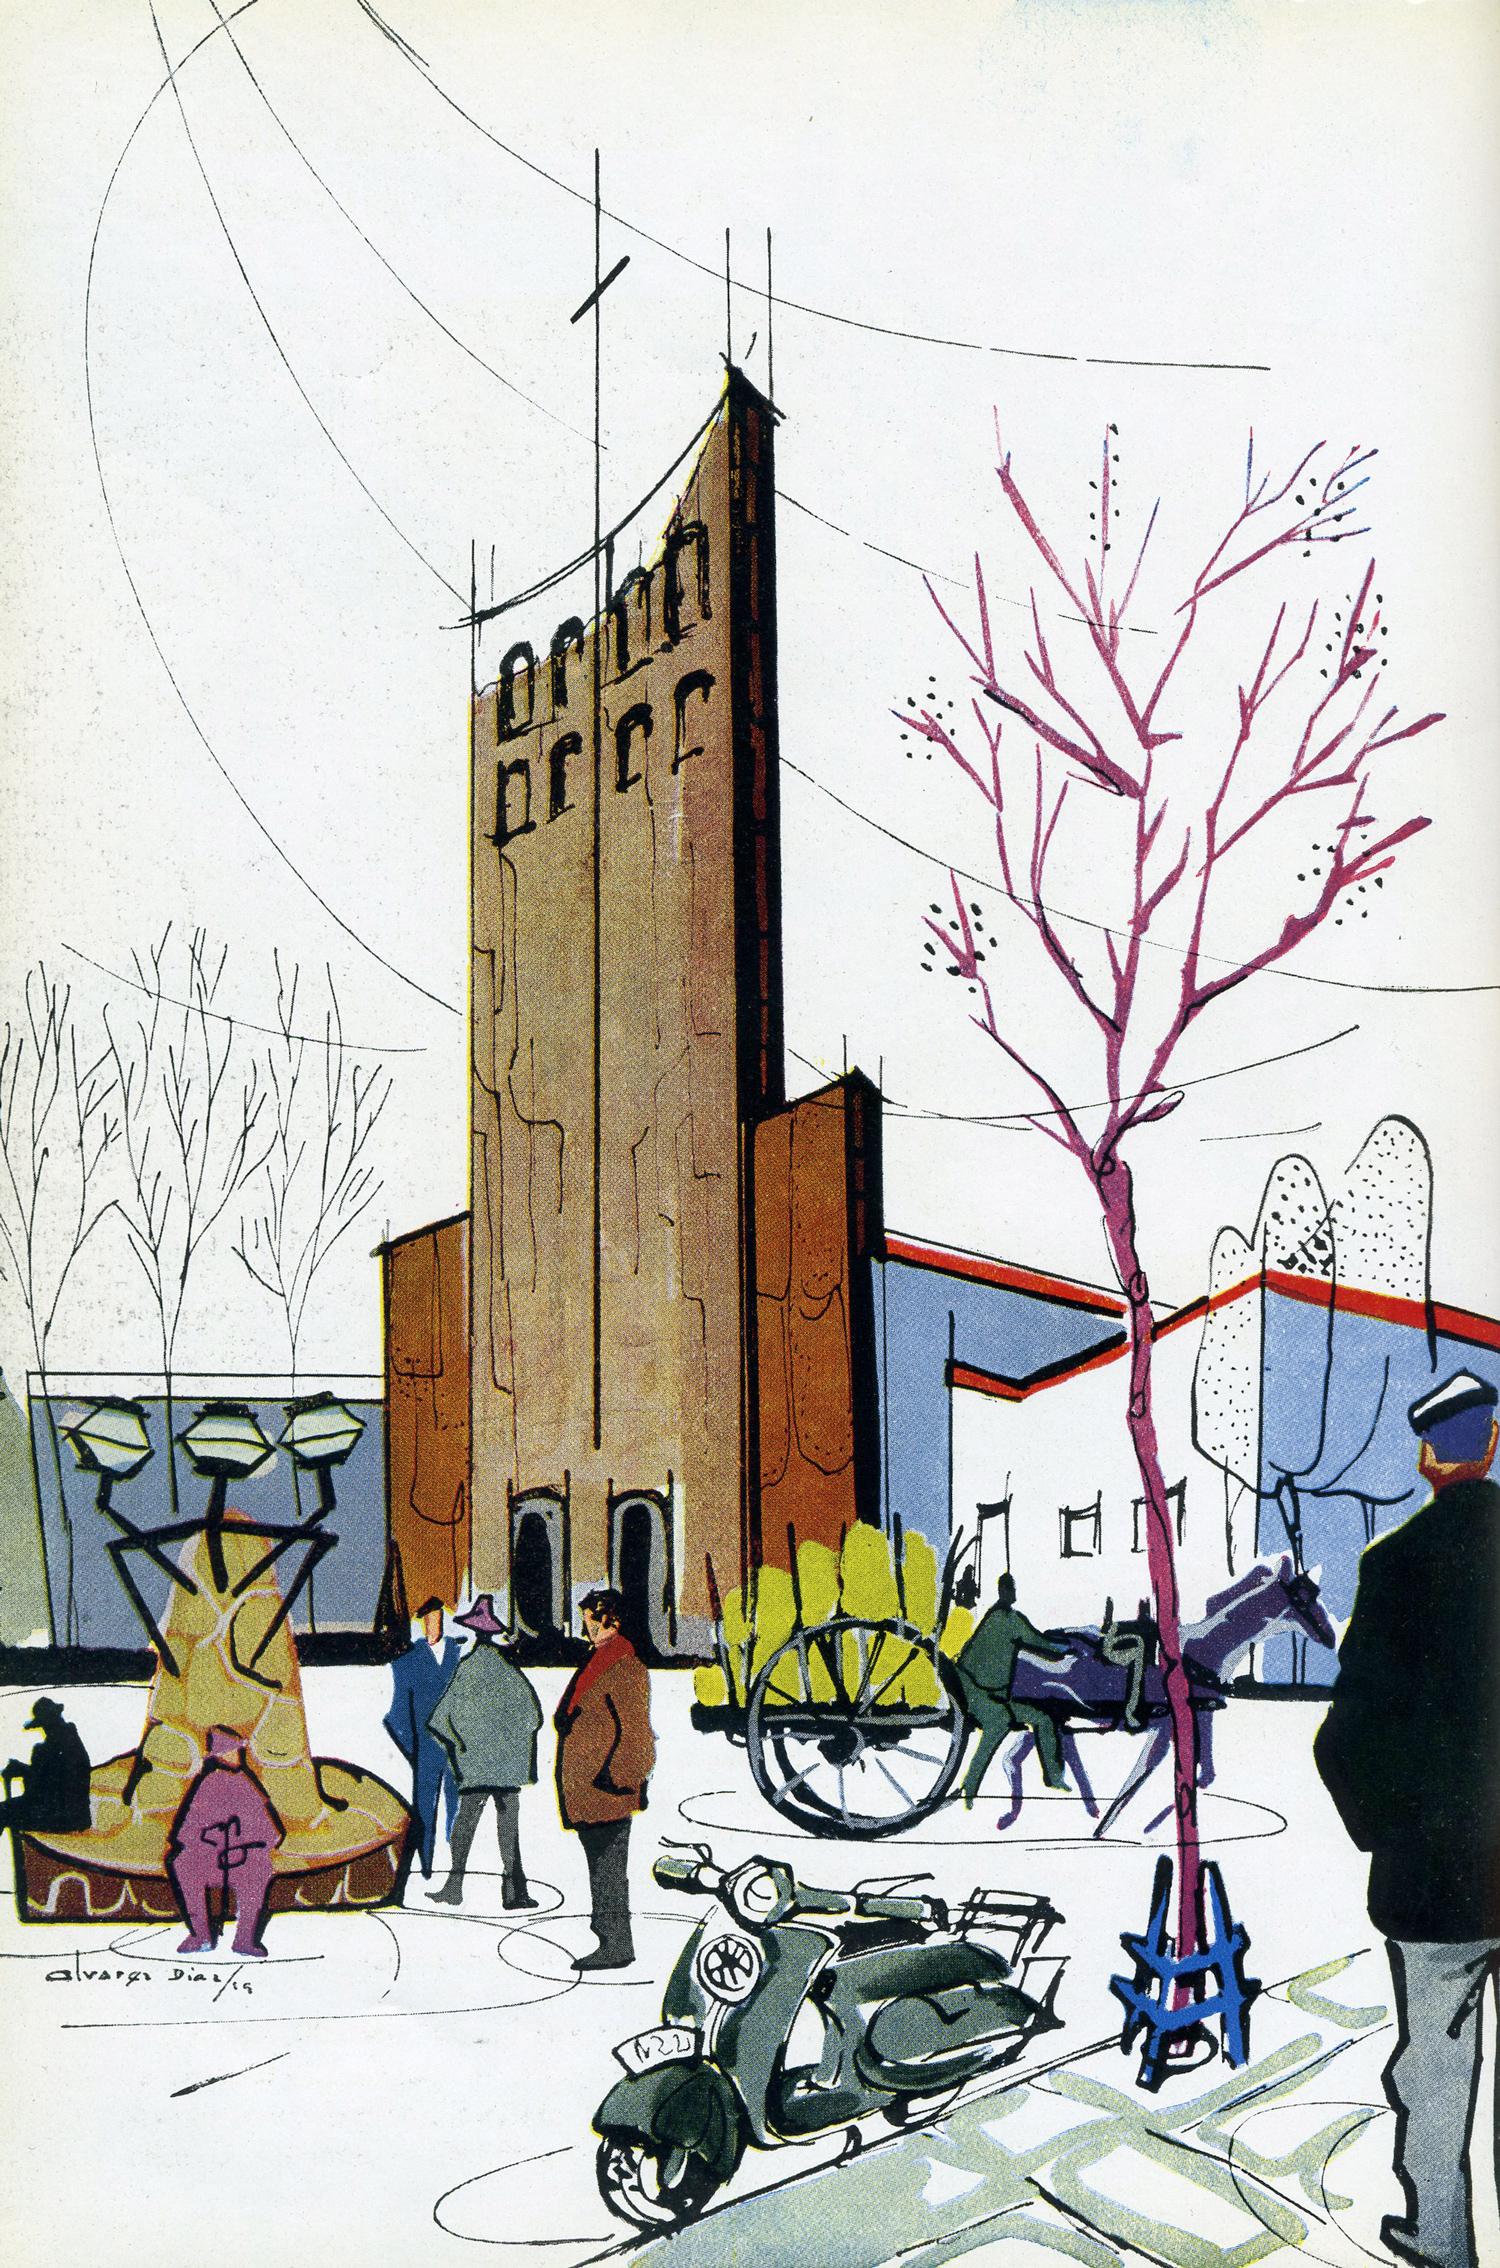 puebloiglesiaespagna1959-BEE001